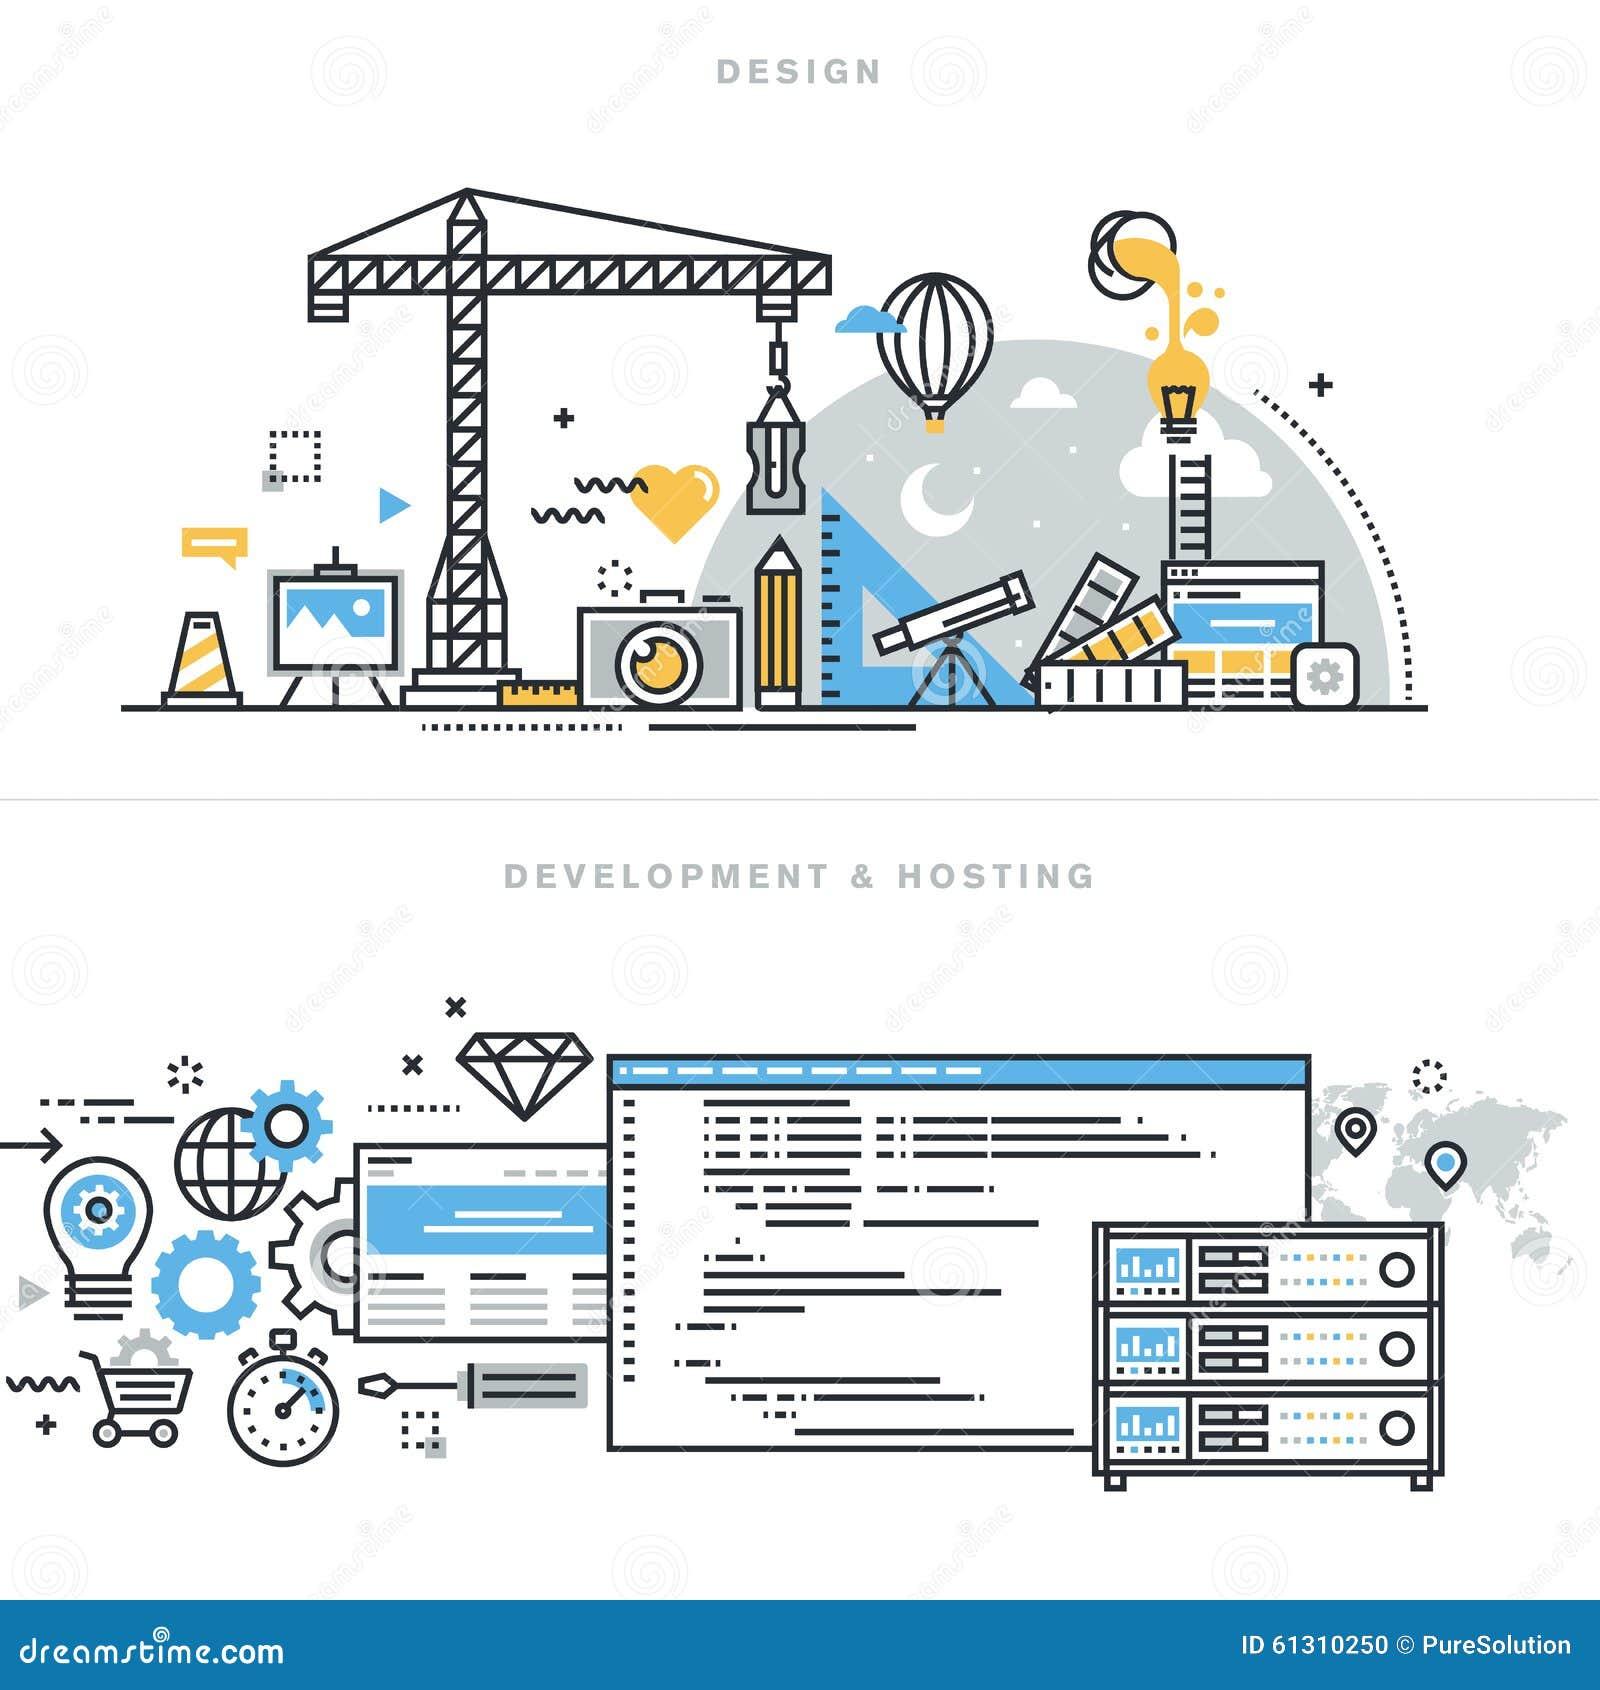 Επίπεδες έννοιες σχεδίου γραμμών για το γραφικό σχέδιο, την ανάπτυξη ιστοχώρου και τη φιλοξενία